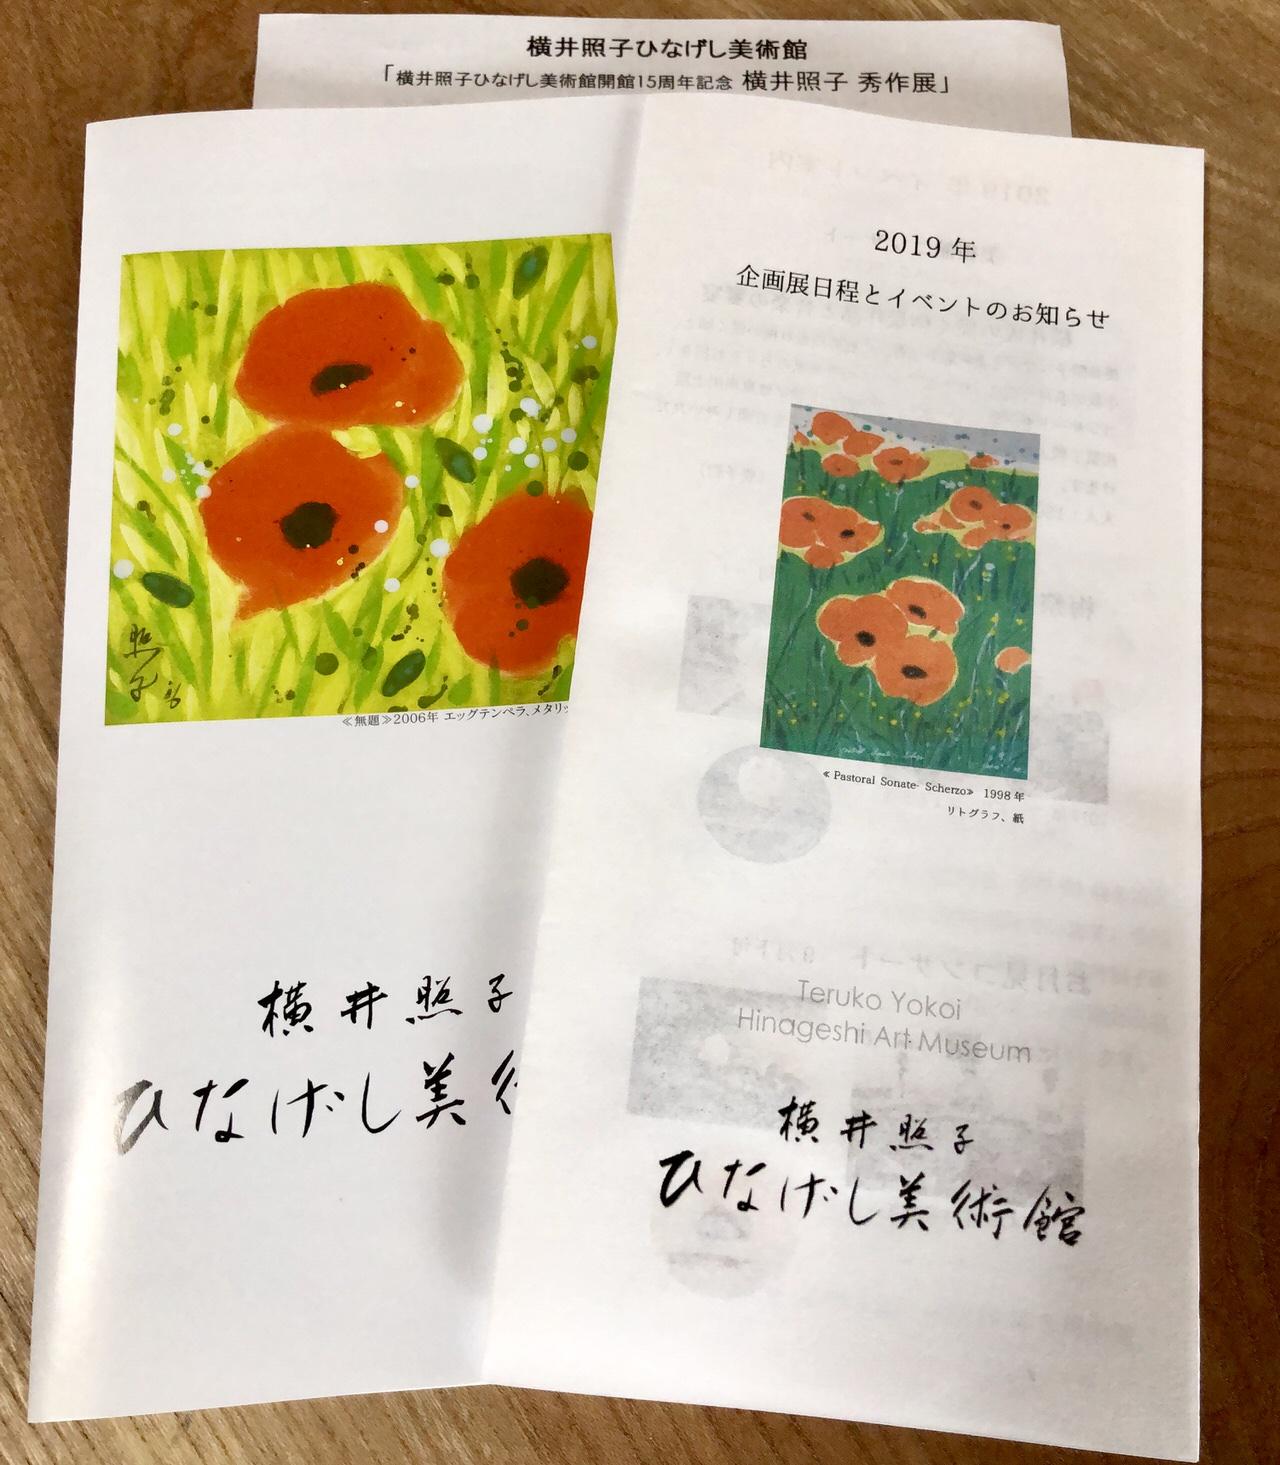 ひなげし美術館のパンフレットとイベント情報